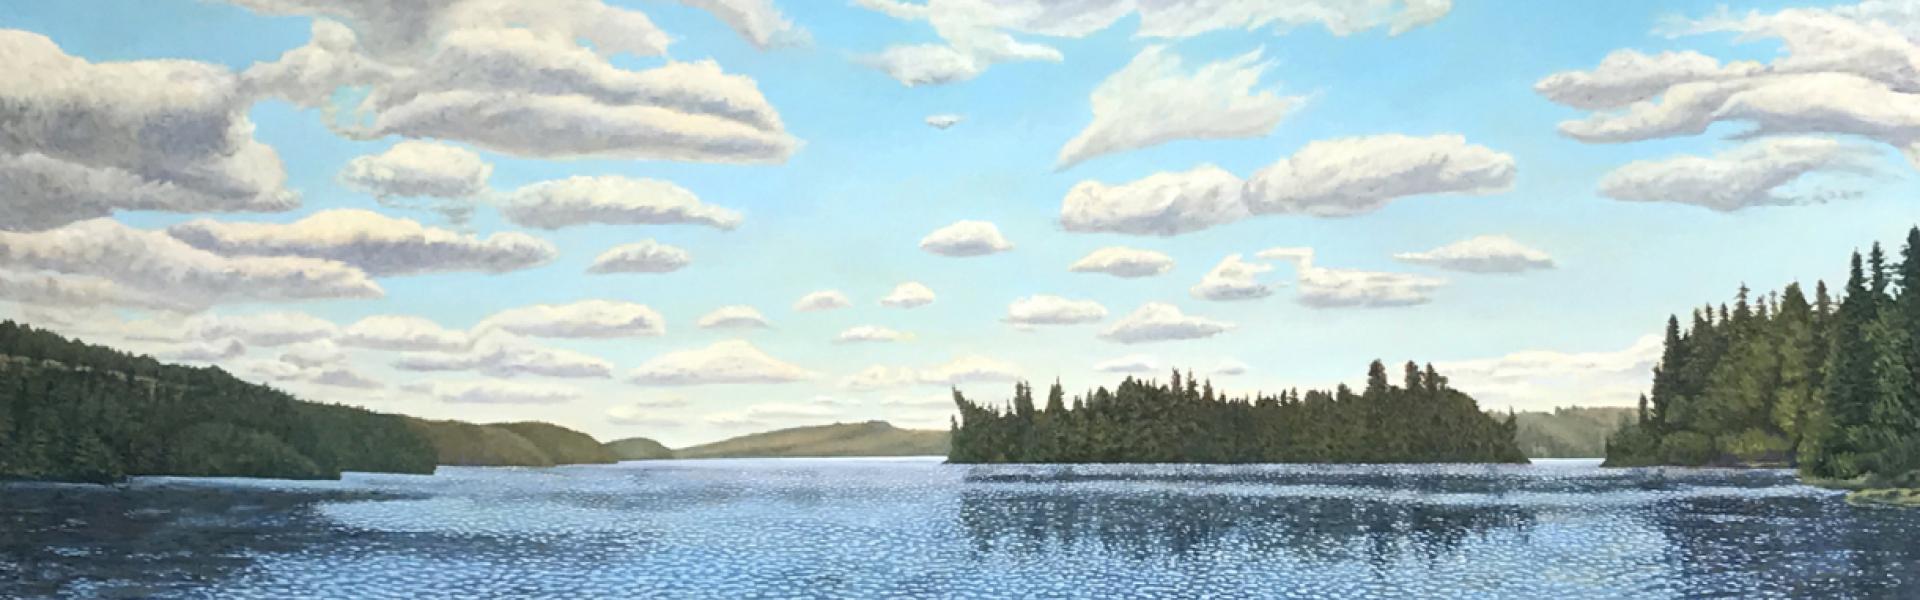 banner_John-Kinsella-Whitefish-Lake-2021.20210508204939.jpg